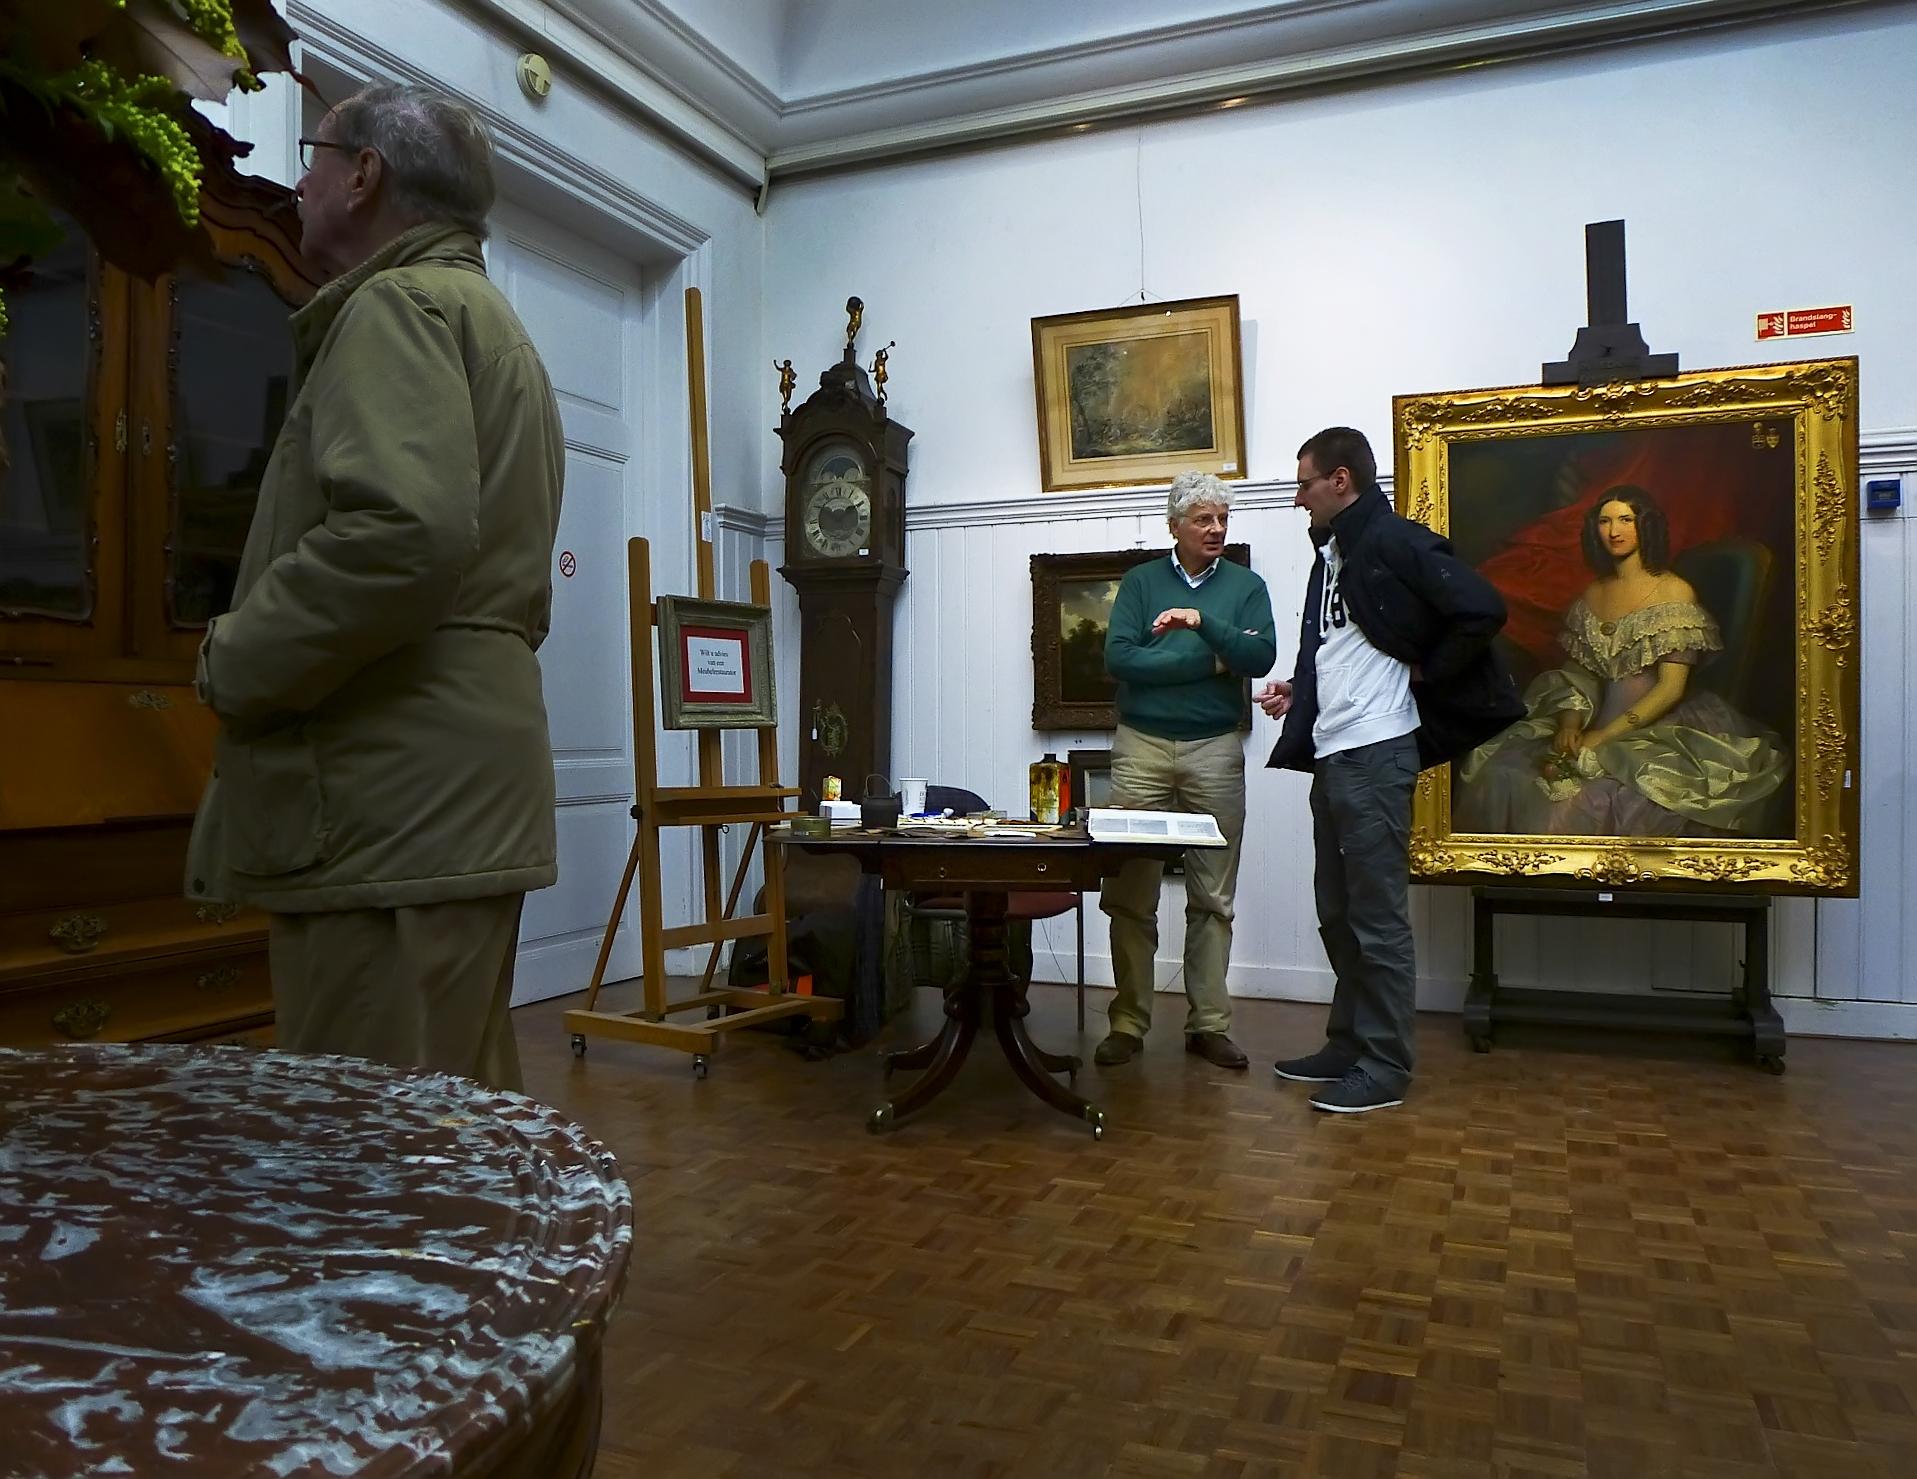 Advies Tijdens Kijkdagen Spring Auction Venduehuis Den Haag Paul Berkhout Meubelrestauratie Antiek Den Haag